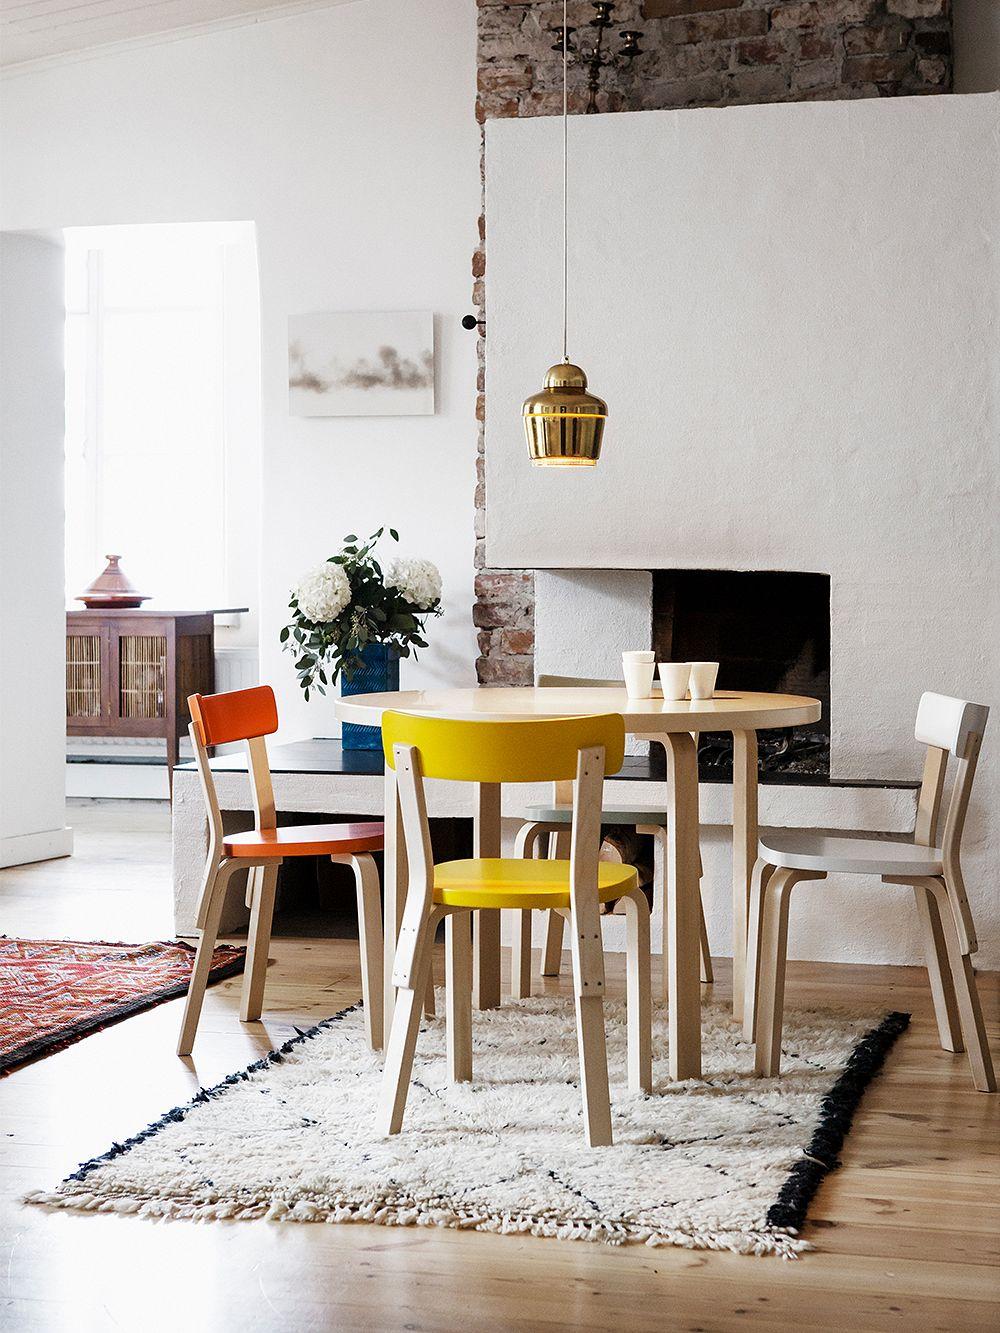 Artekin Aalto-tuoli 69 useassa eri värissä.